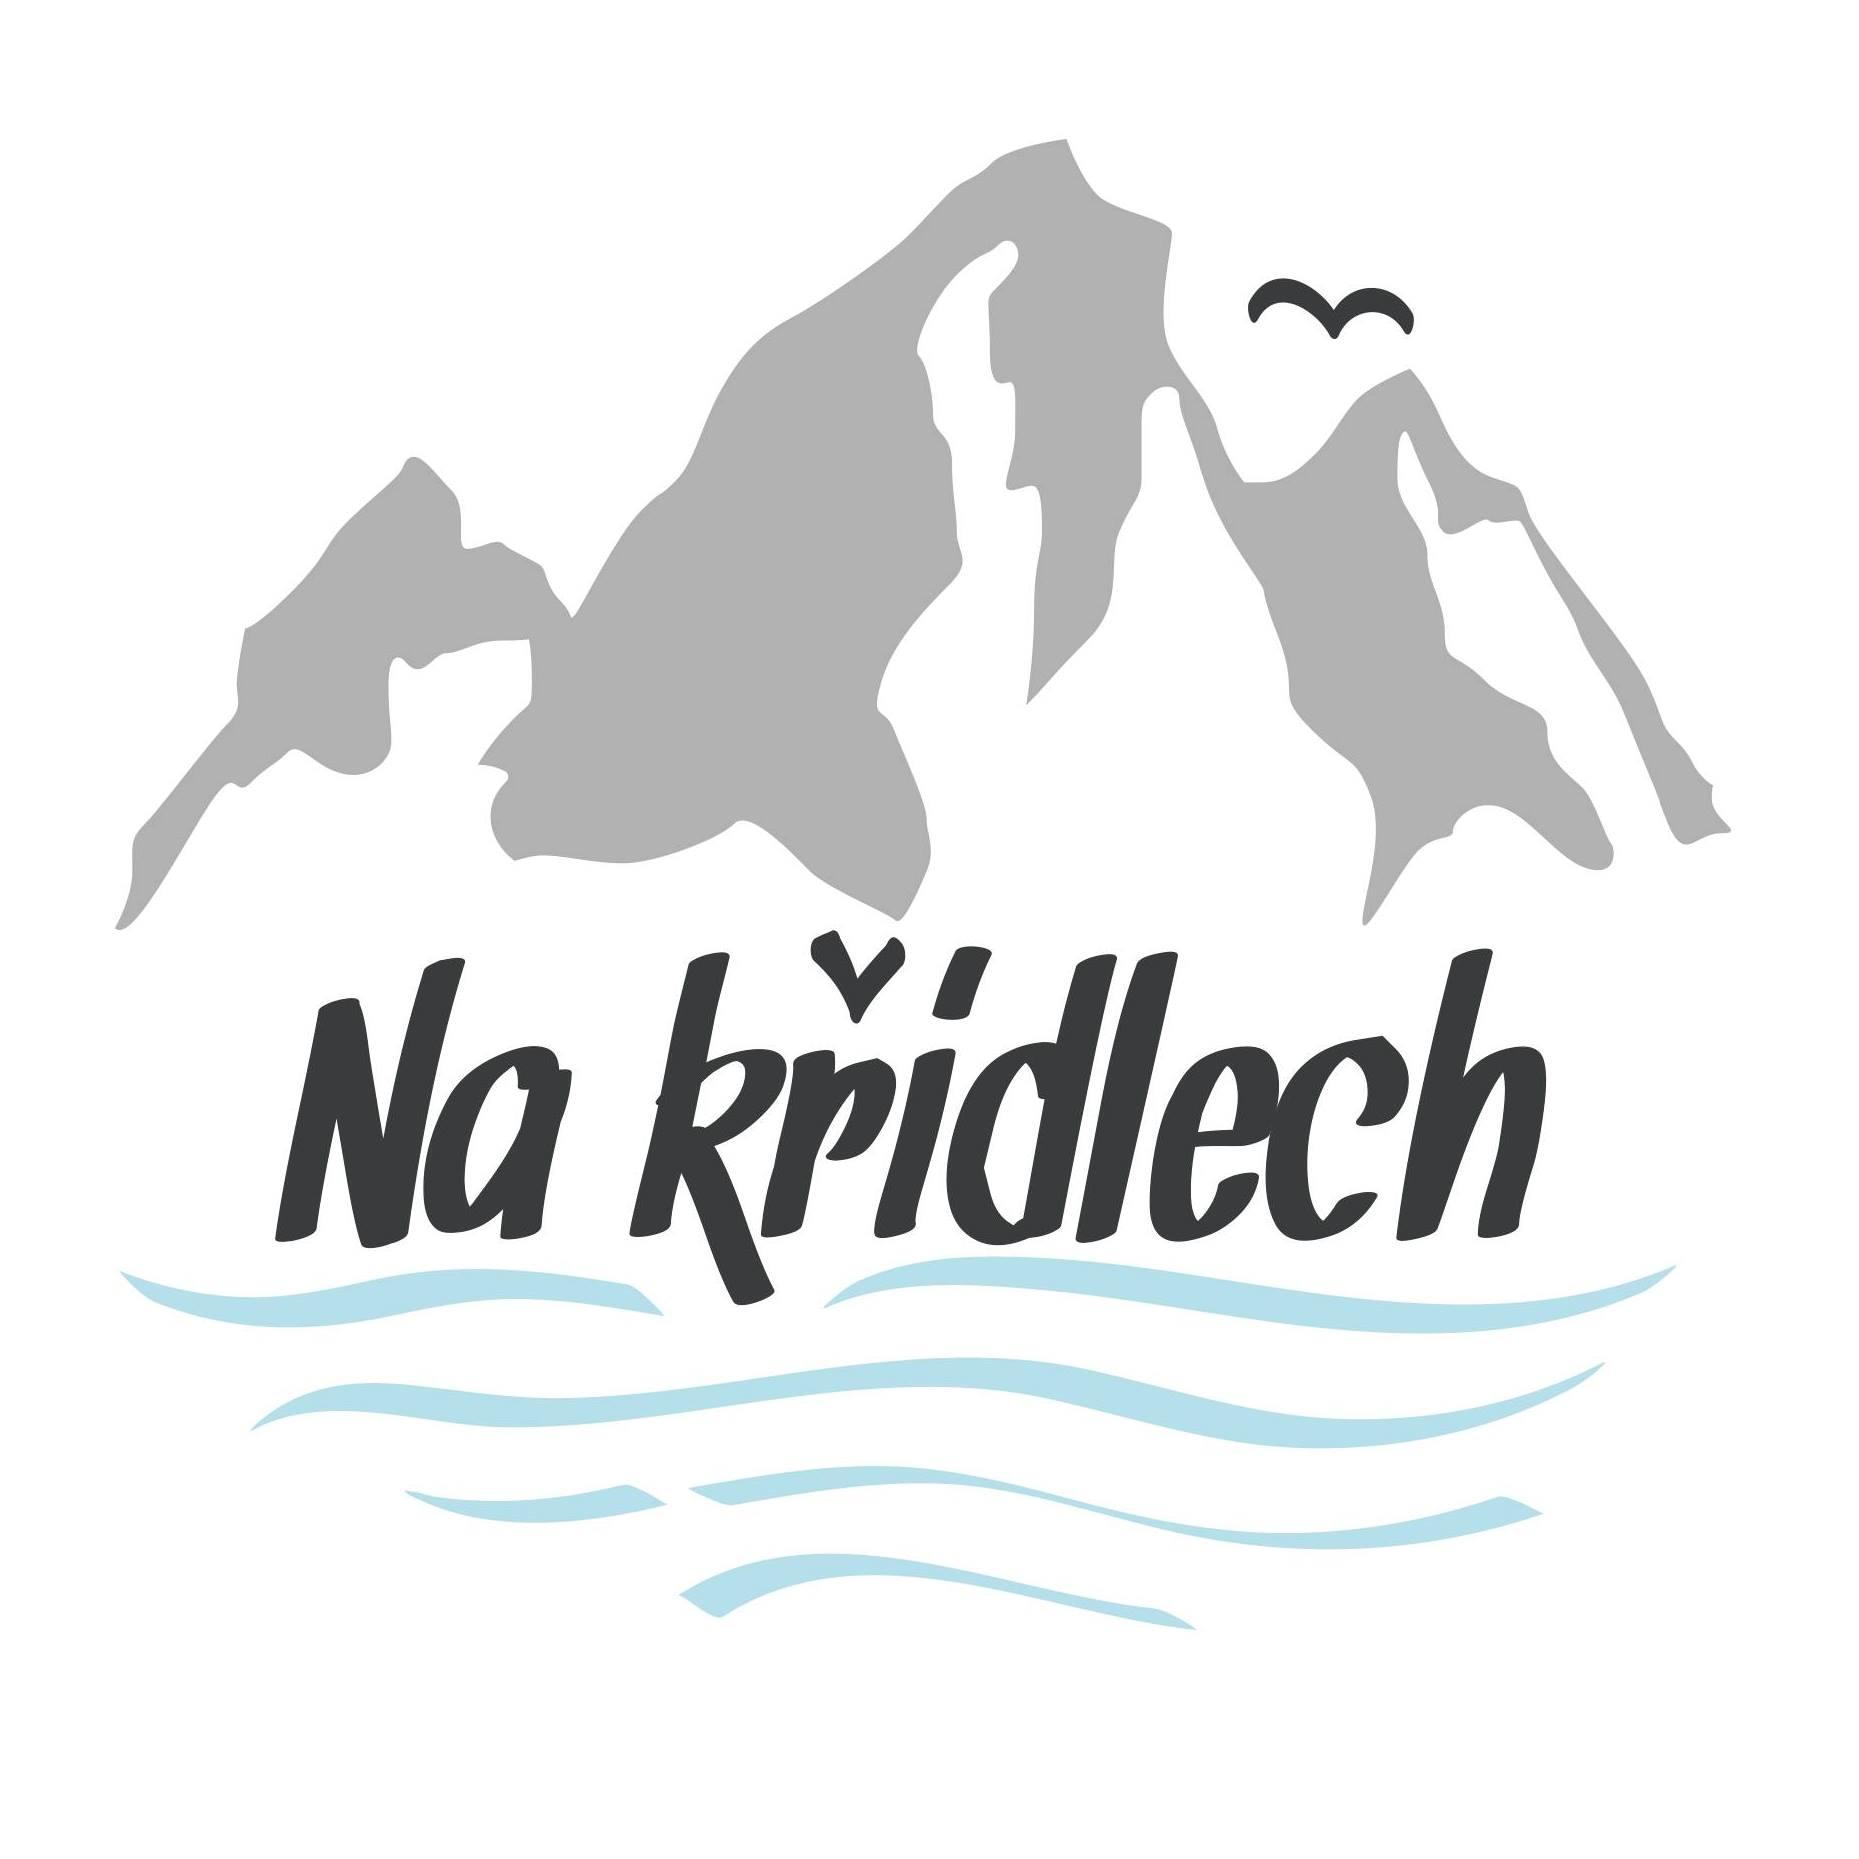 NaKřídlech.cz